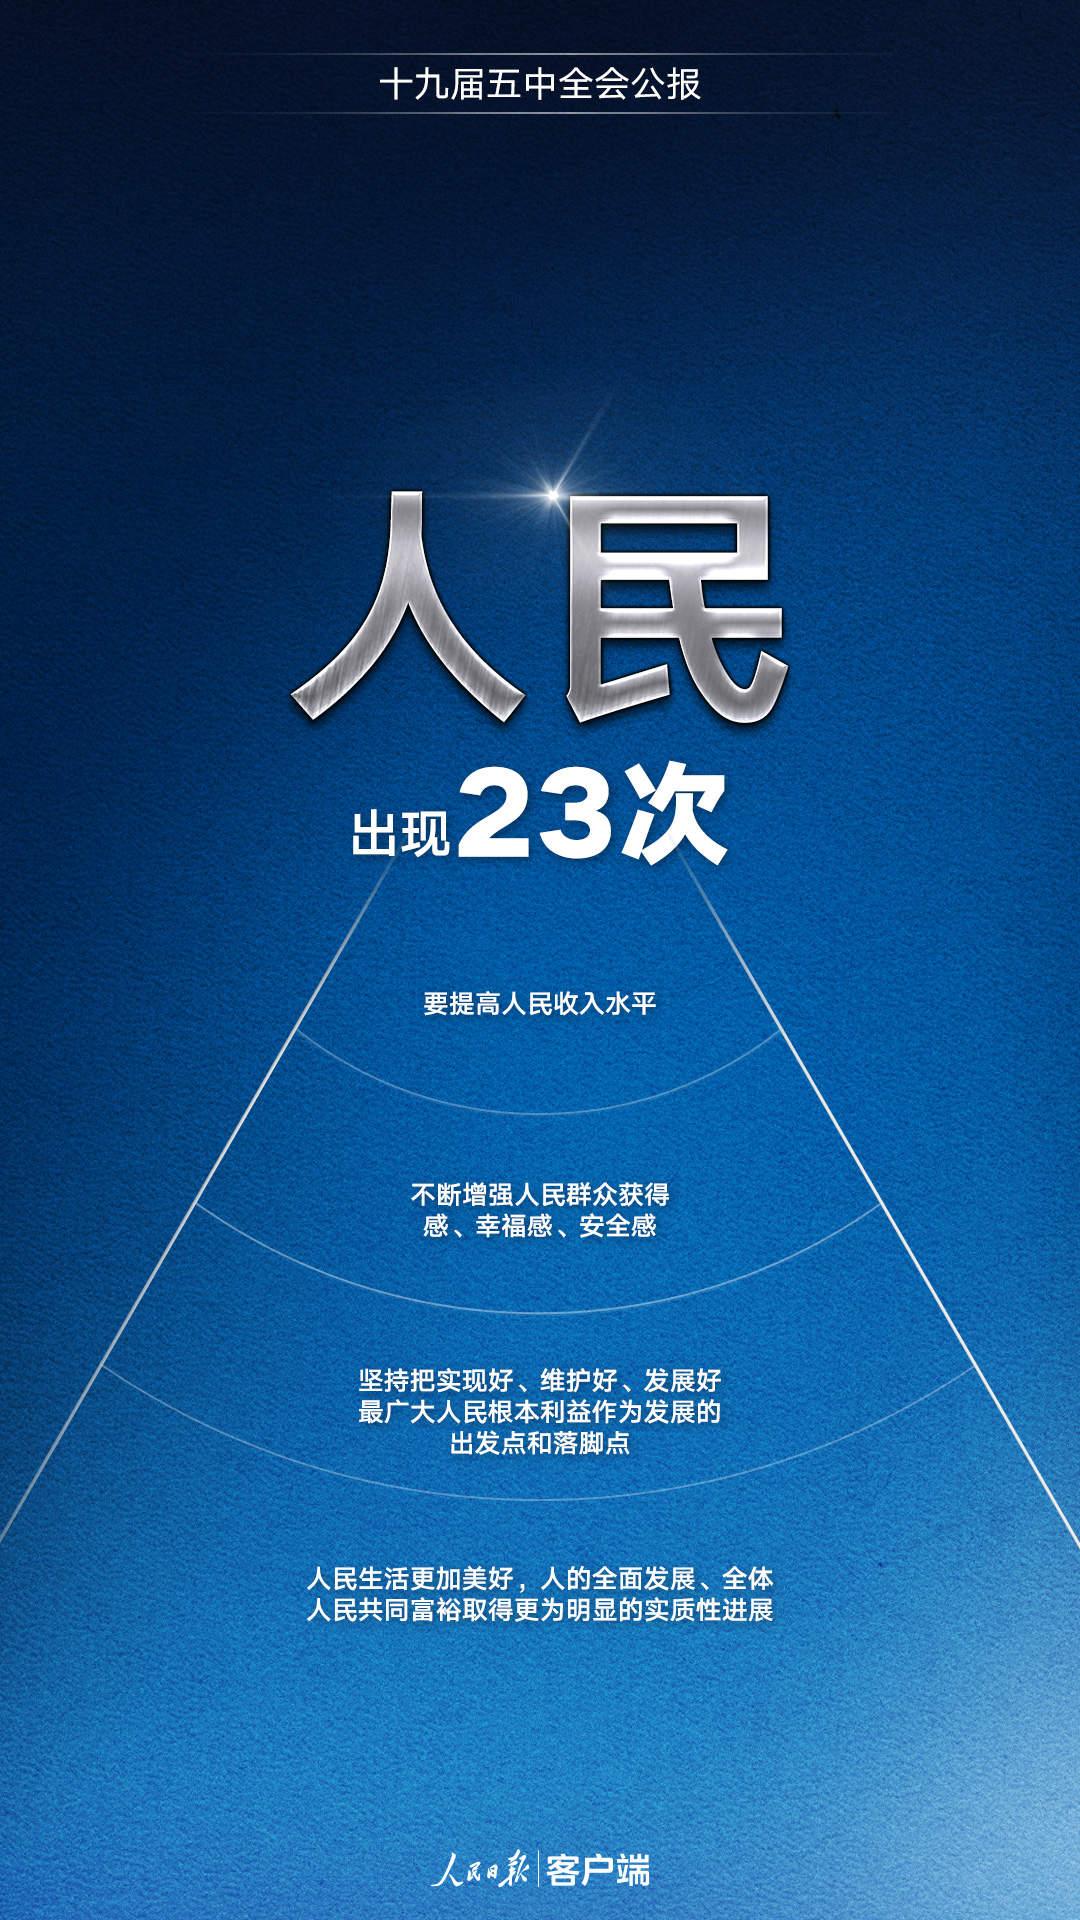 7人民.jpg?x-oss-process=style/w10